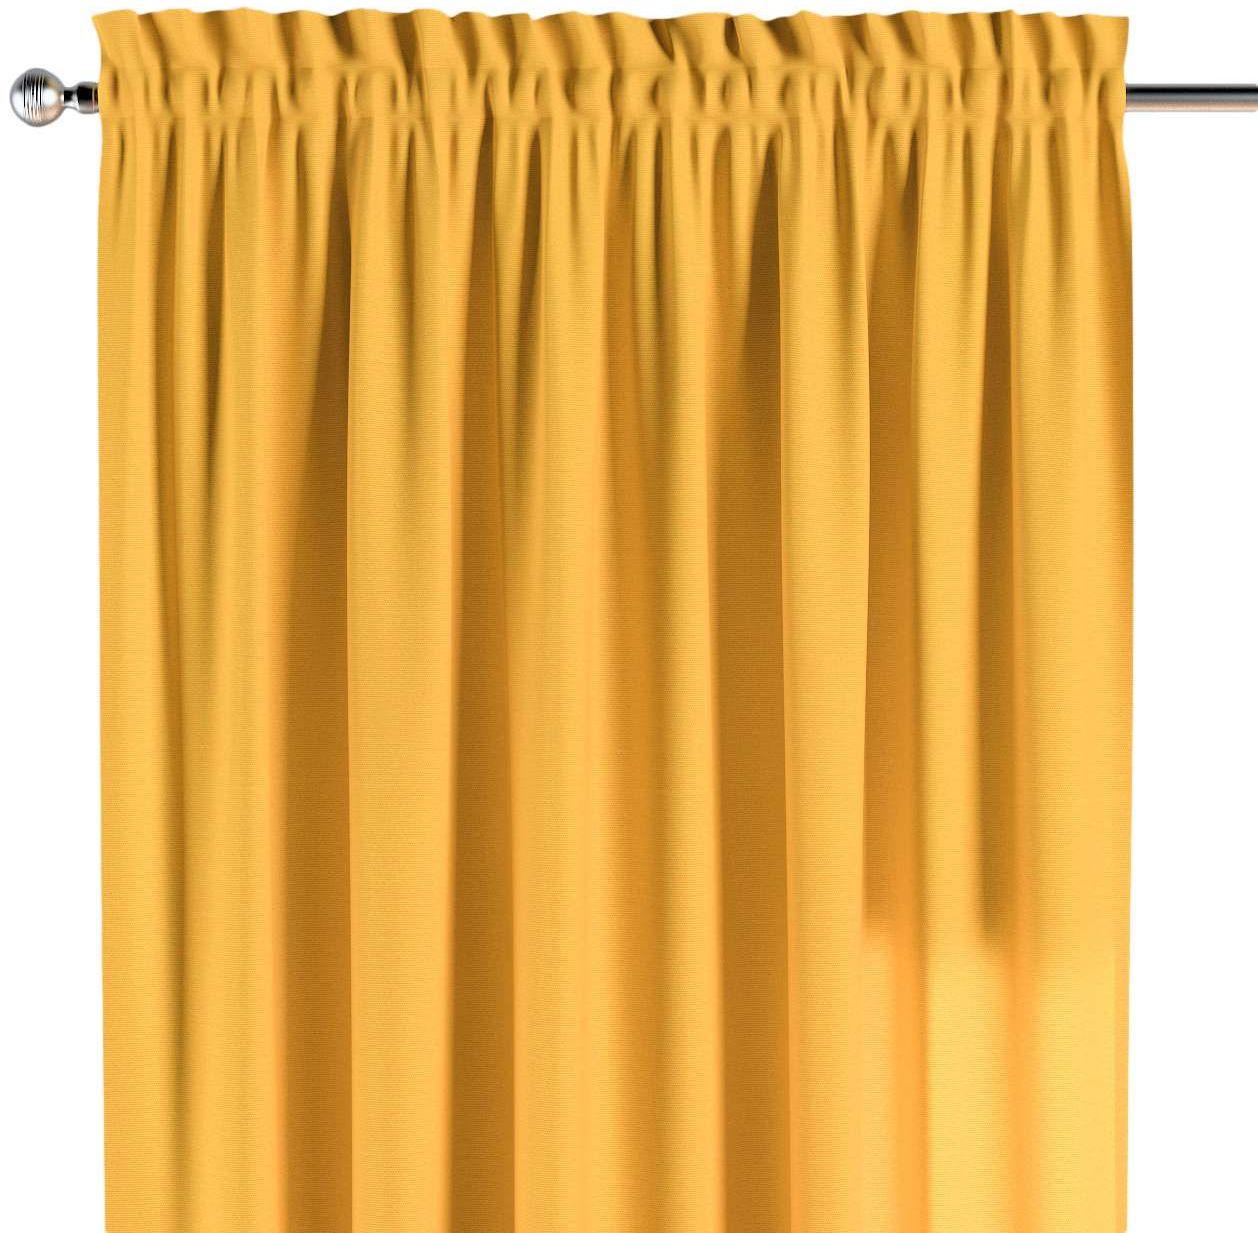 Zasłona na kanale z grzywką 1 szt., żółty, 1szt 130  260 cm, Loneta